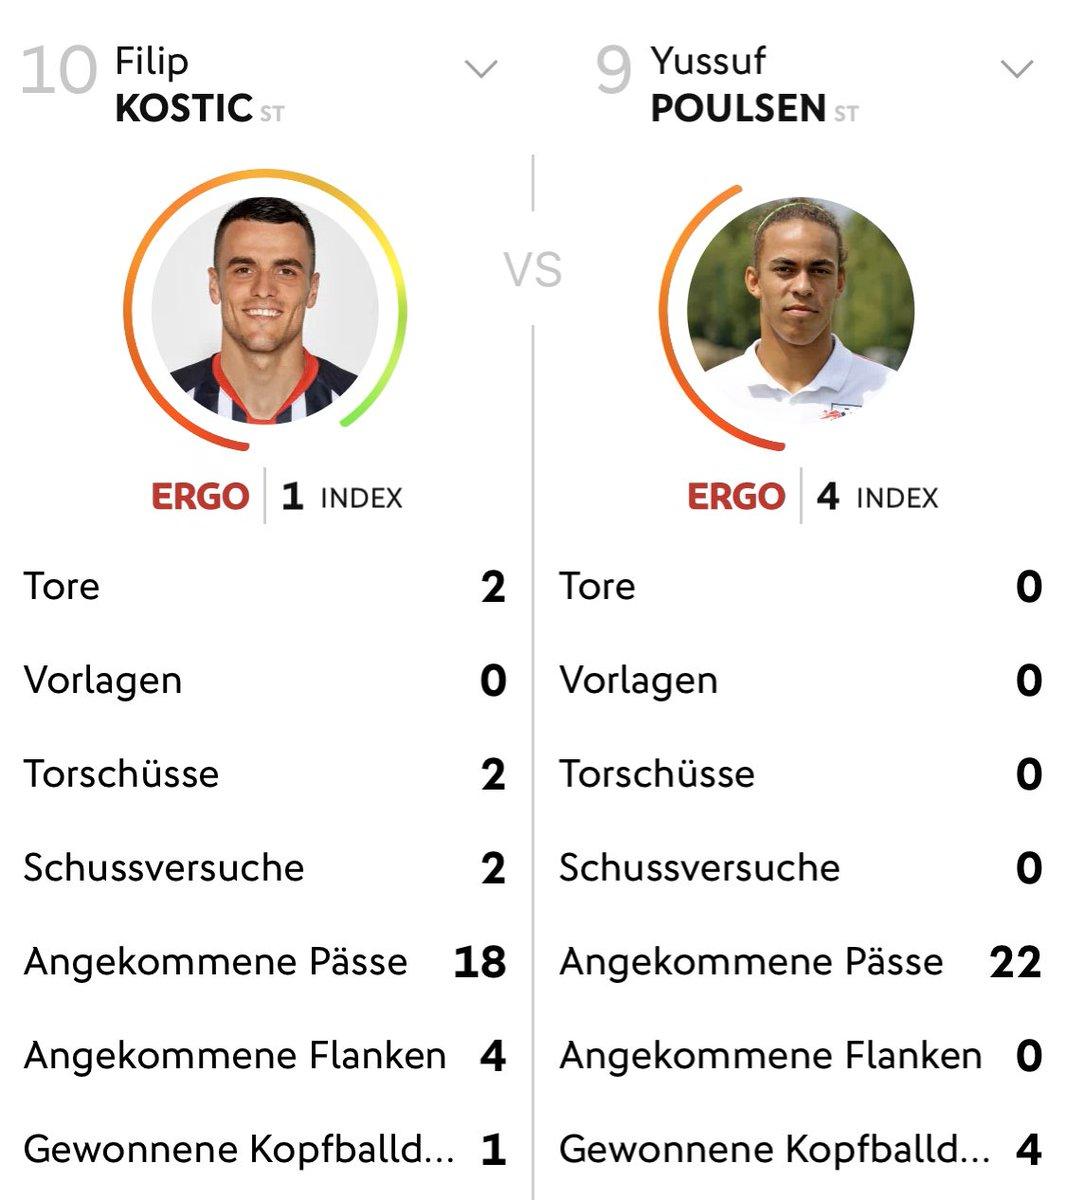 #Kostic